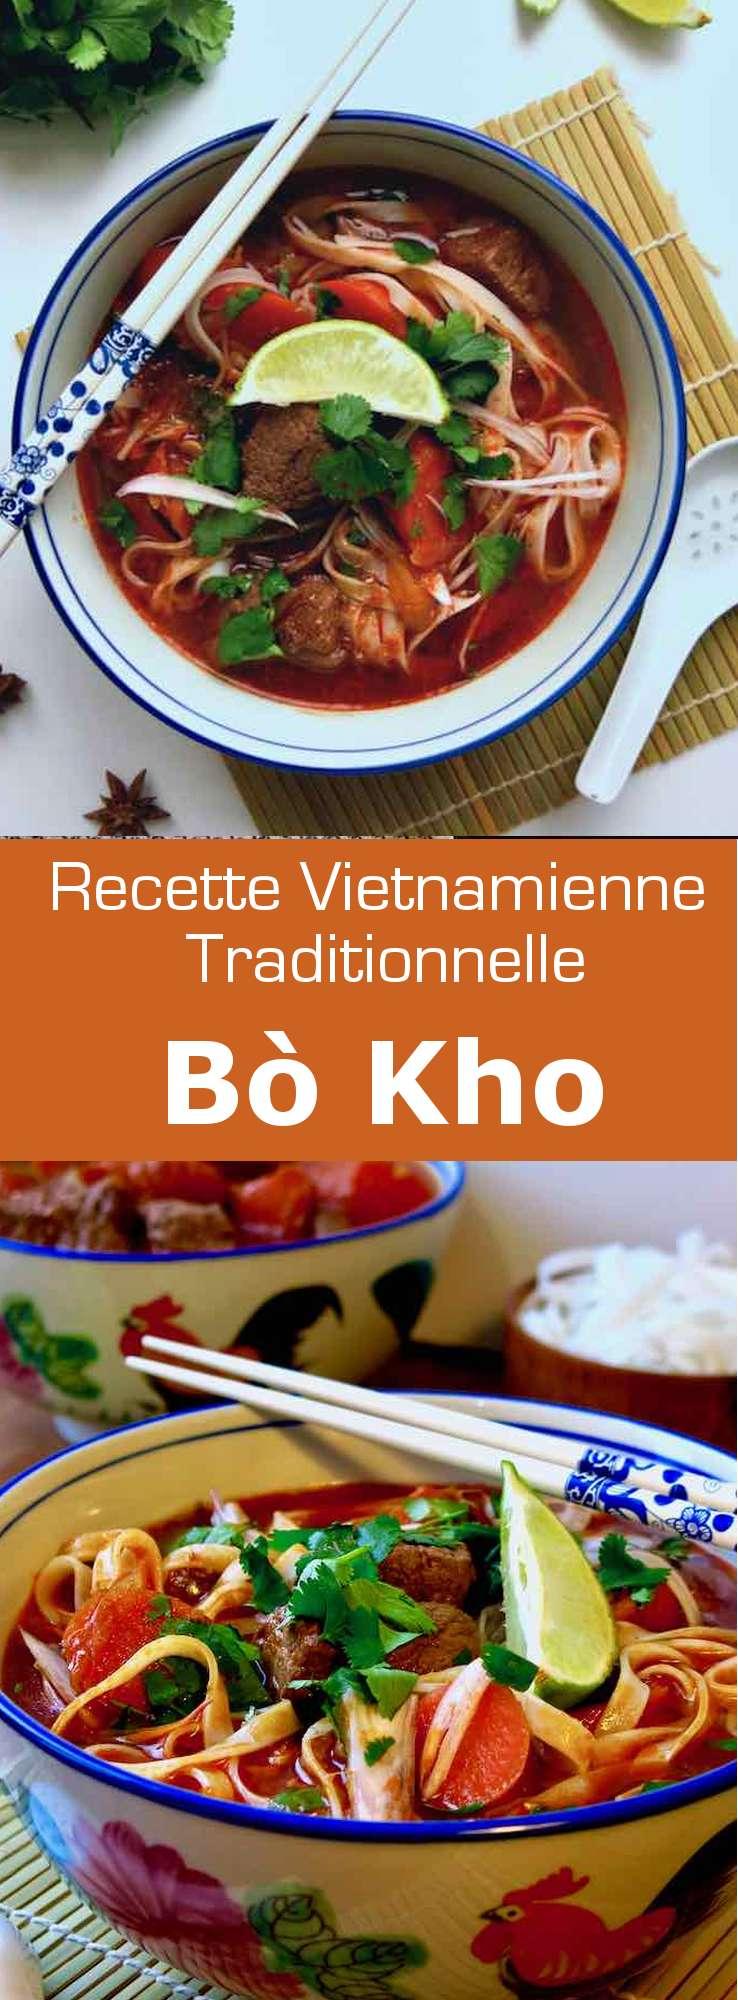 Le bò kho est un délicieux un plat mijoté de bœuf épicé, populaire au Viêt Nam. Ce ragoût est servi avec des nouilles de riz. #Vietnam #RecetteVietnamienne #CuisineVietnamienne #CuisineAsiatique #RecetteAsiatique #CuisineDuMonde #196flavors